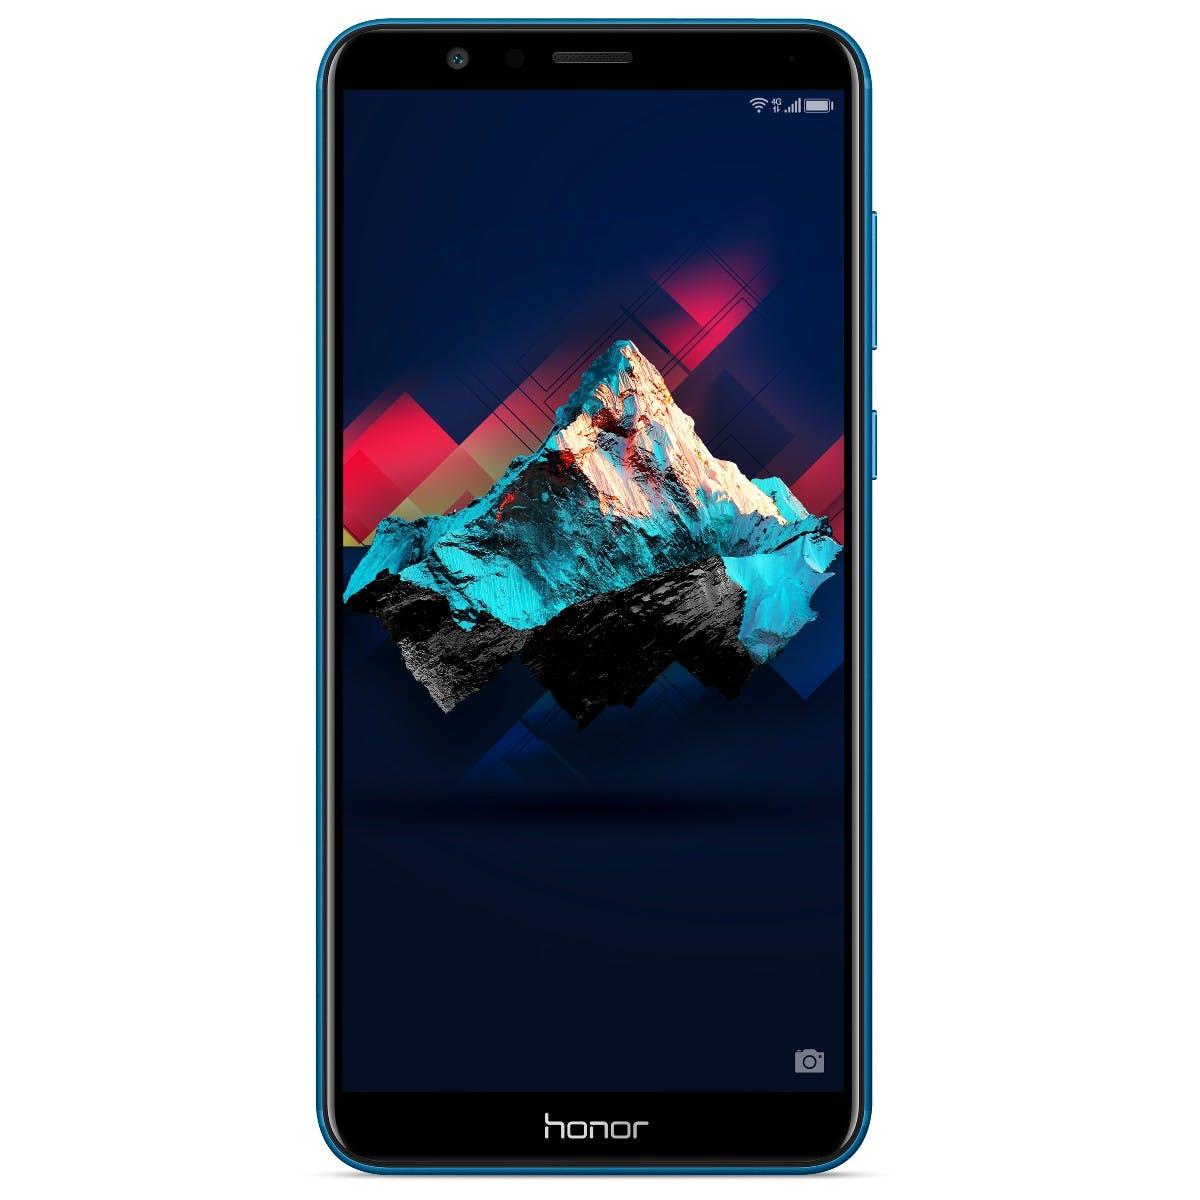 Honor 7X in Blau. (Bild Honor)